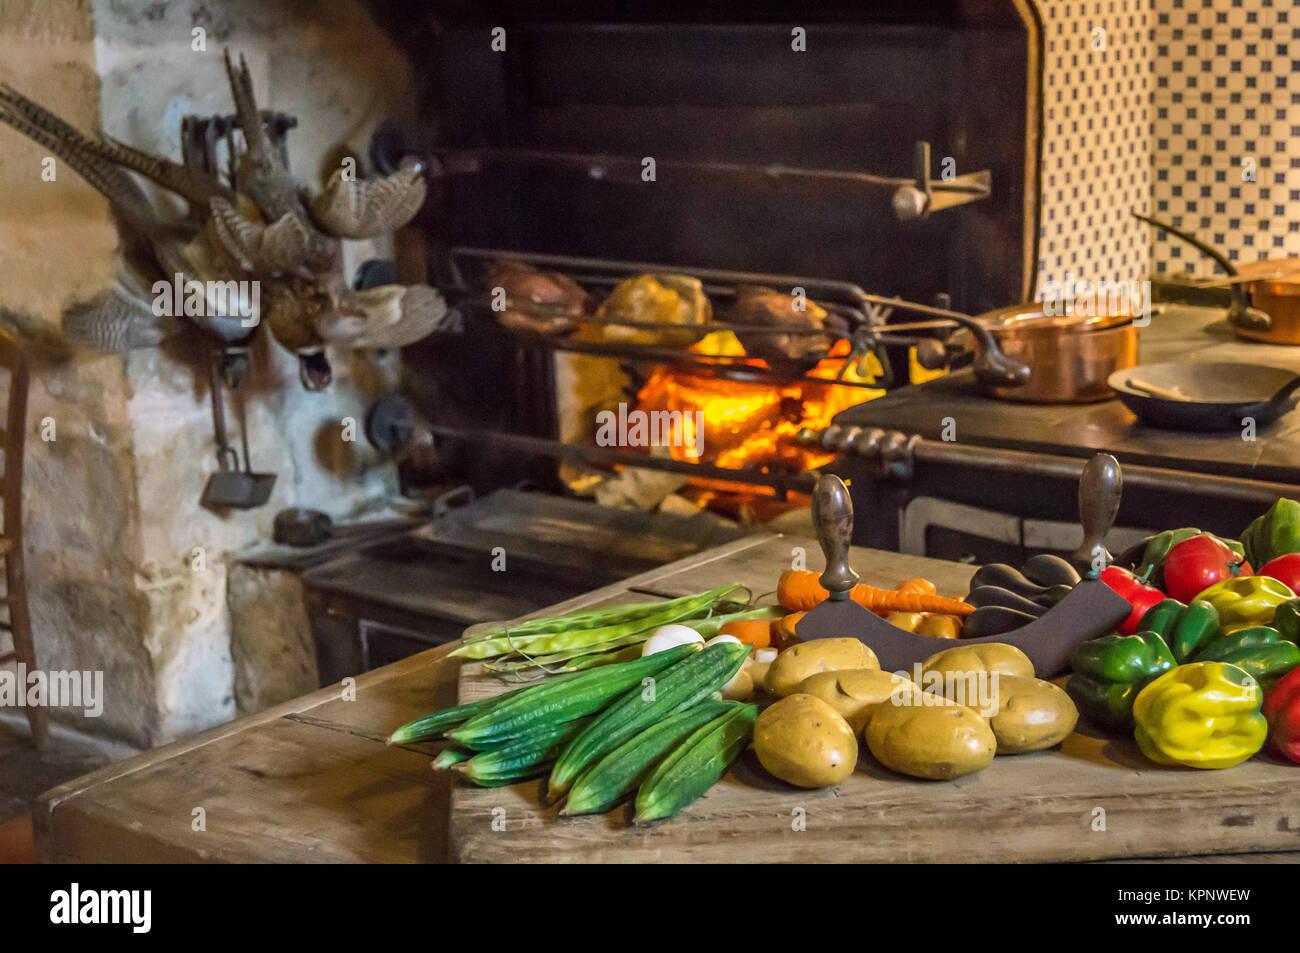 essen auf den tisch zum essen wie im mittelalter vorbereitet stockfoto bild 168896753 alamy. Black Bedroom Furniture Sets. Home Design Ideas